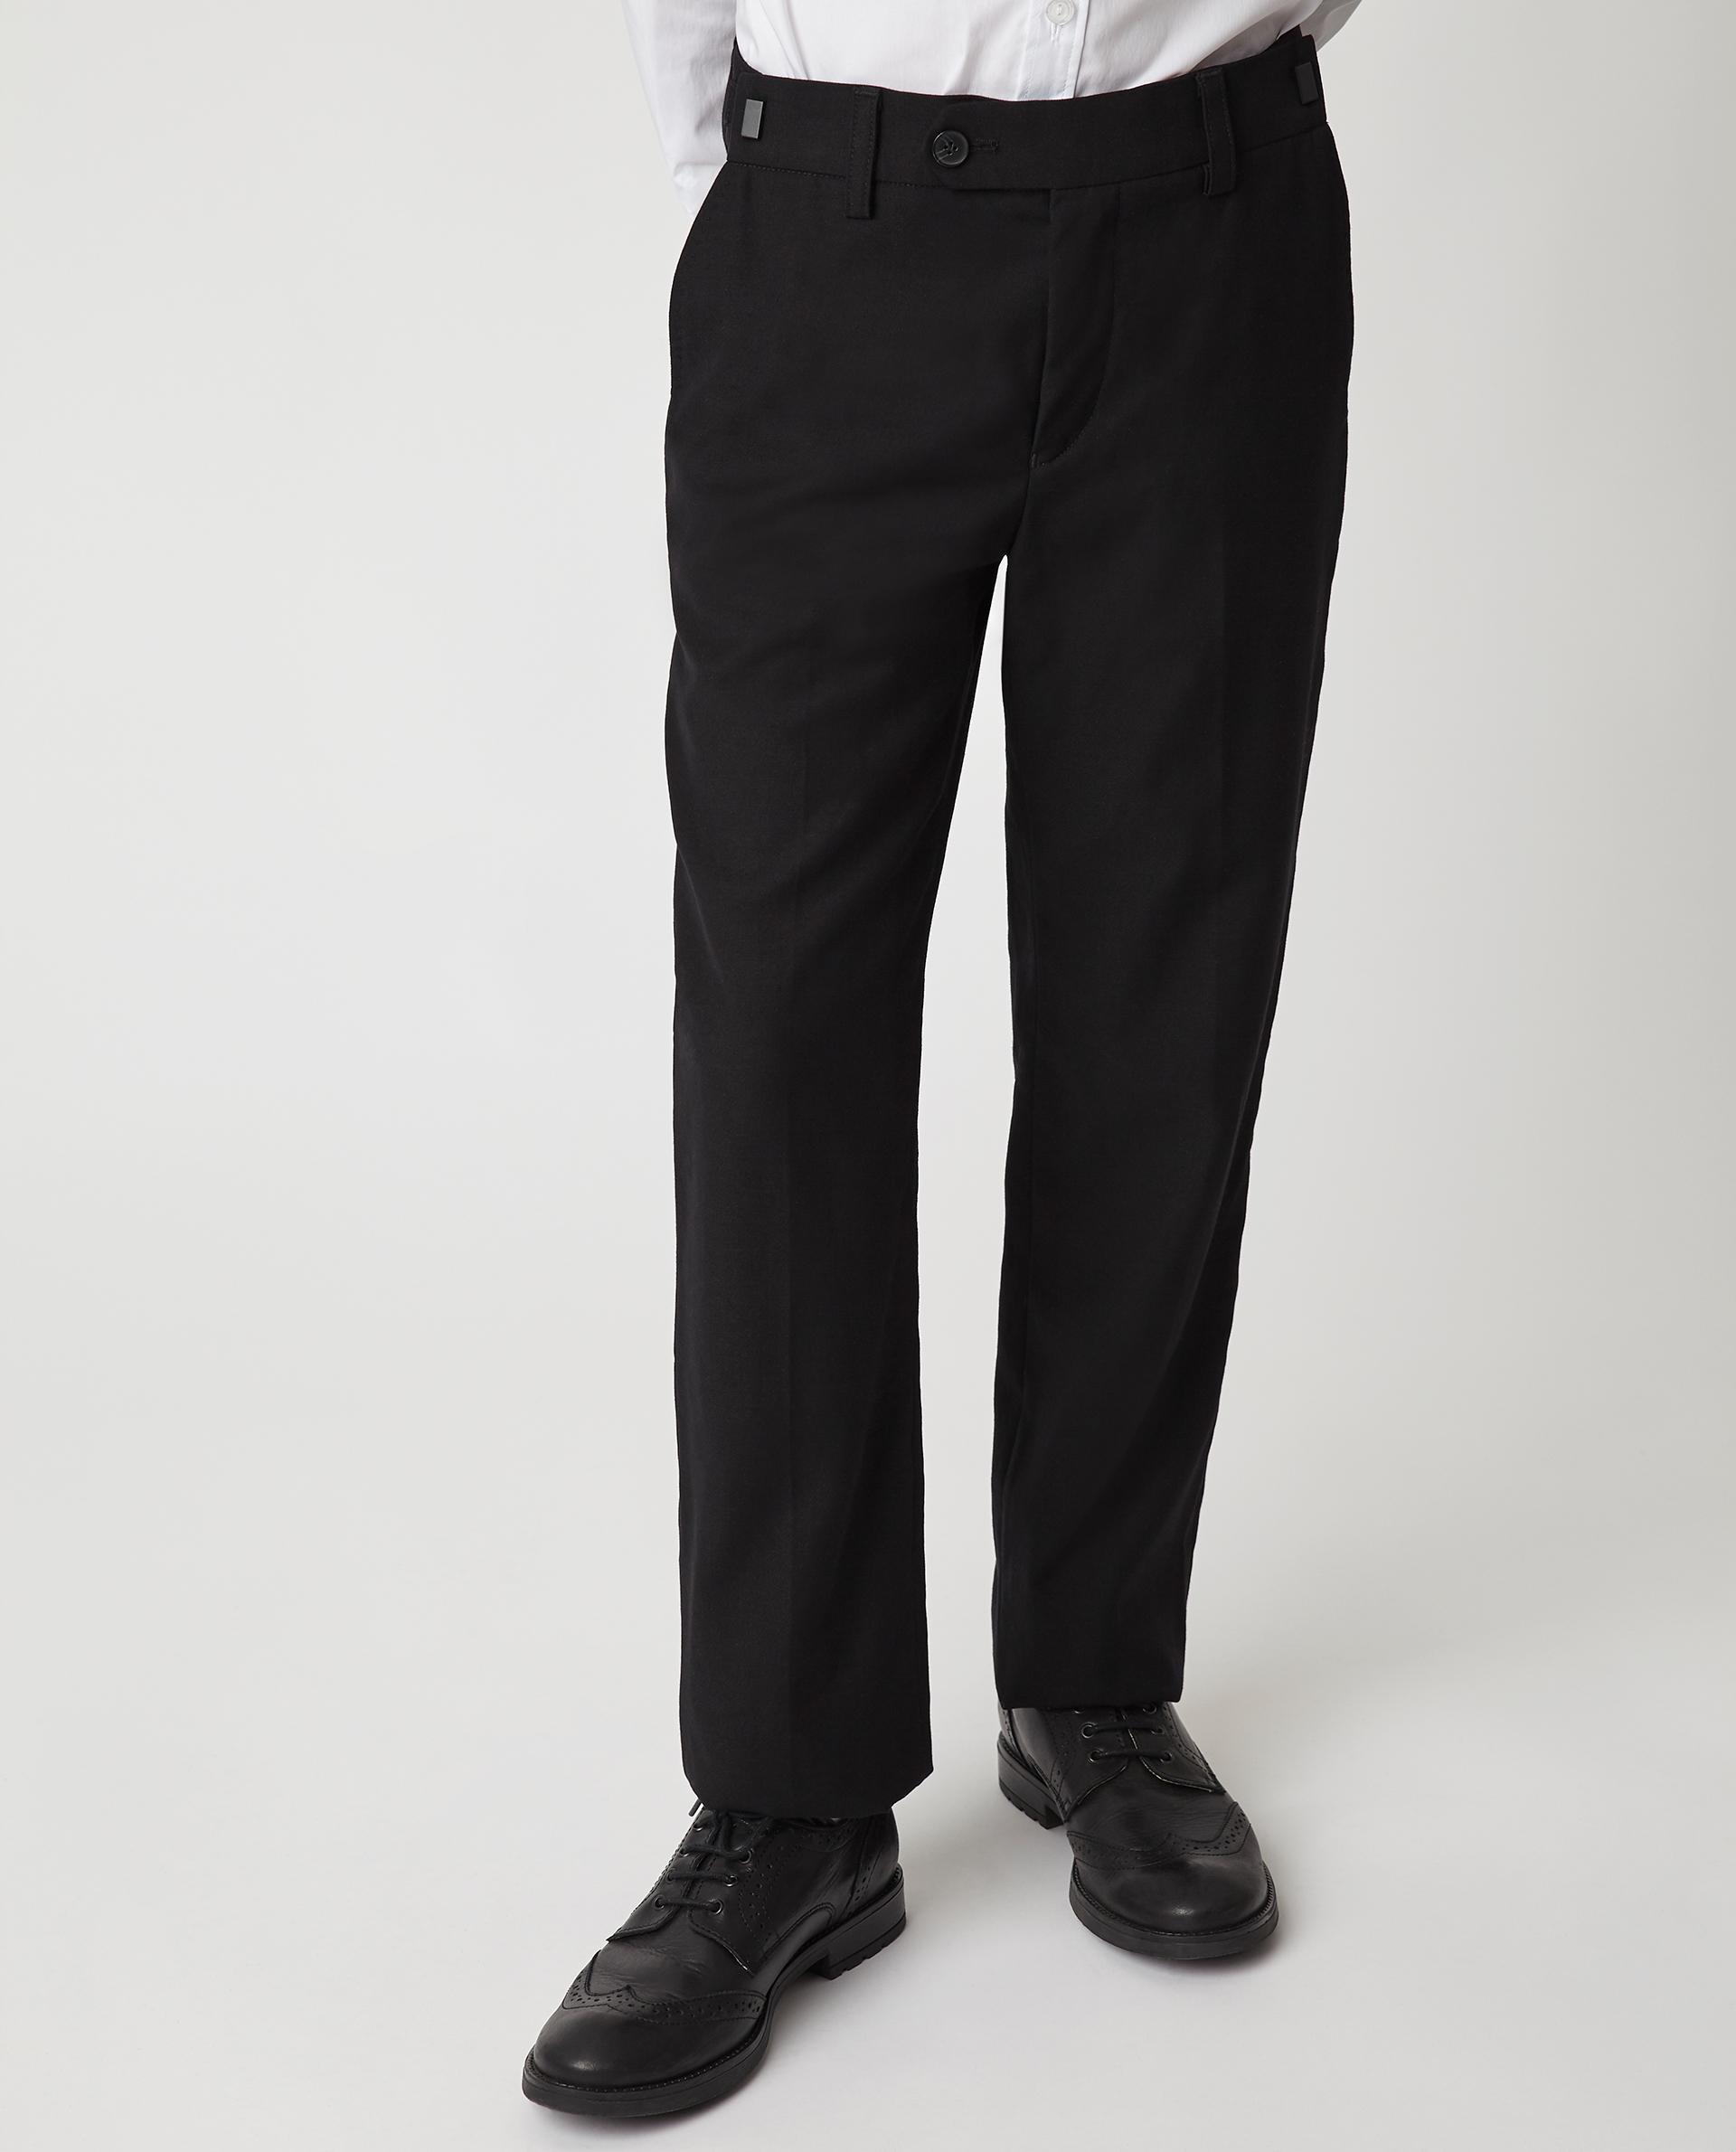 Купить Черные брюки Gulliver 220GSBC6301, размер 170, Брюки для мальчиков